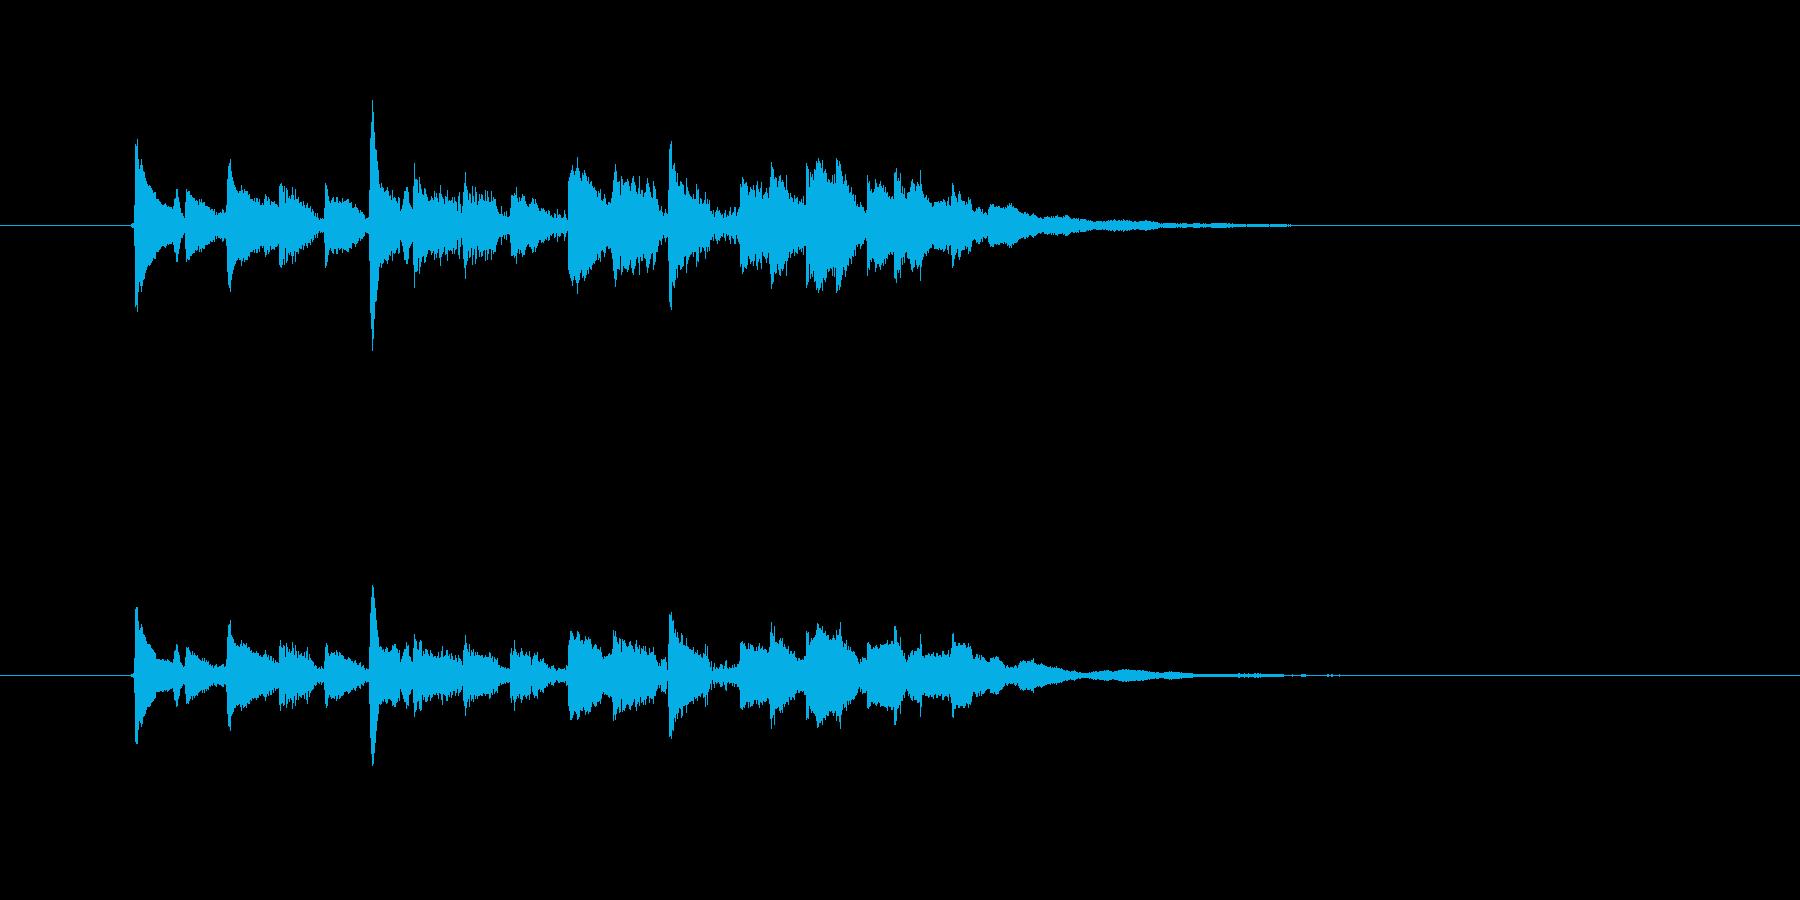 ギター(ラテン風効果音)の再生済みの波形